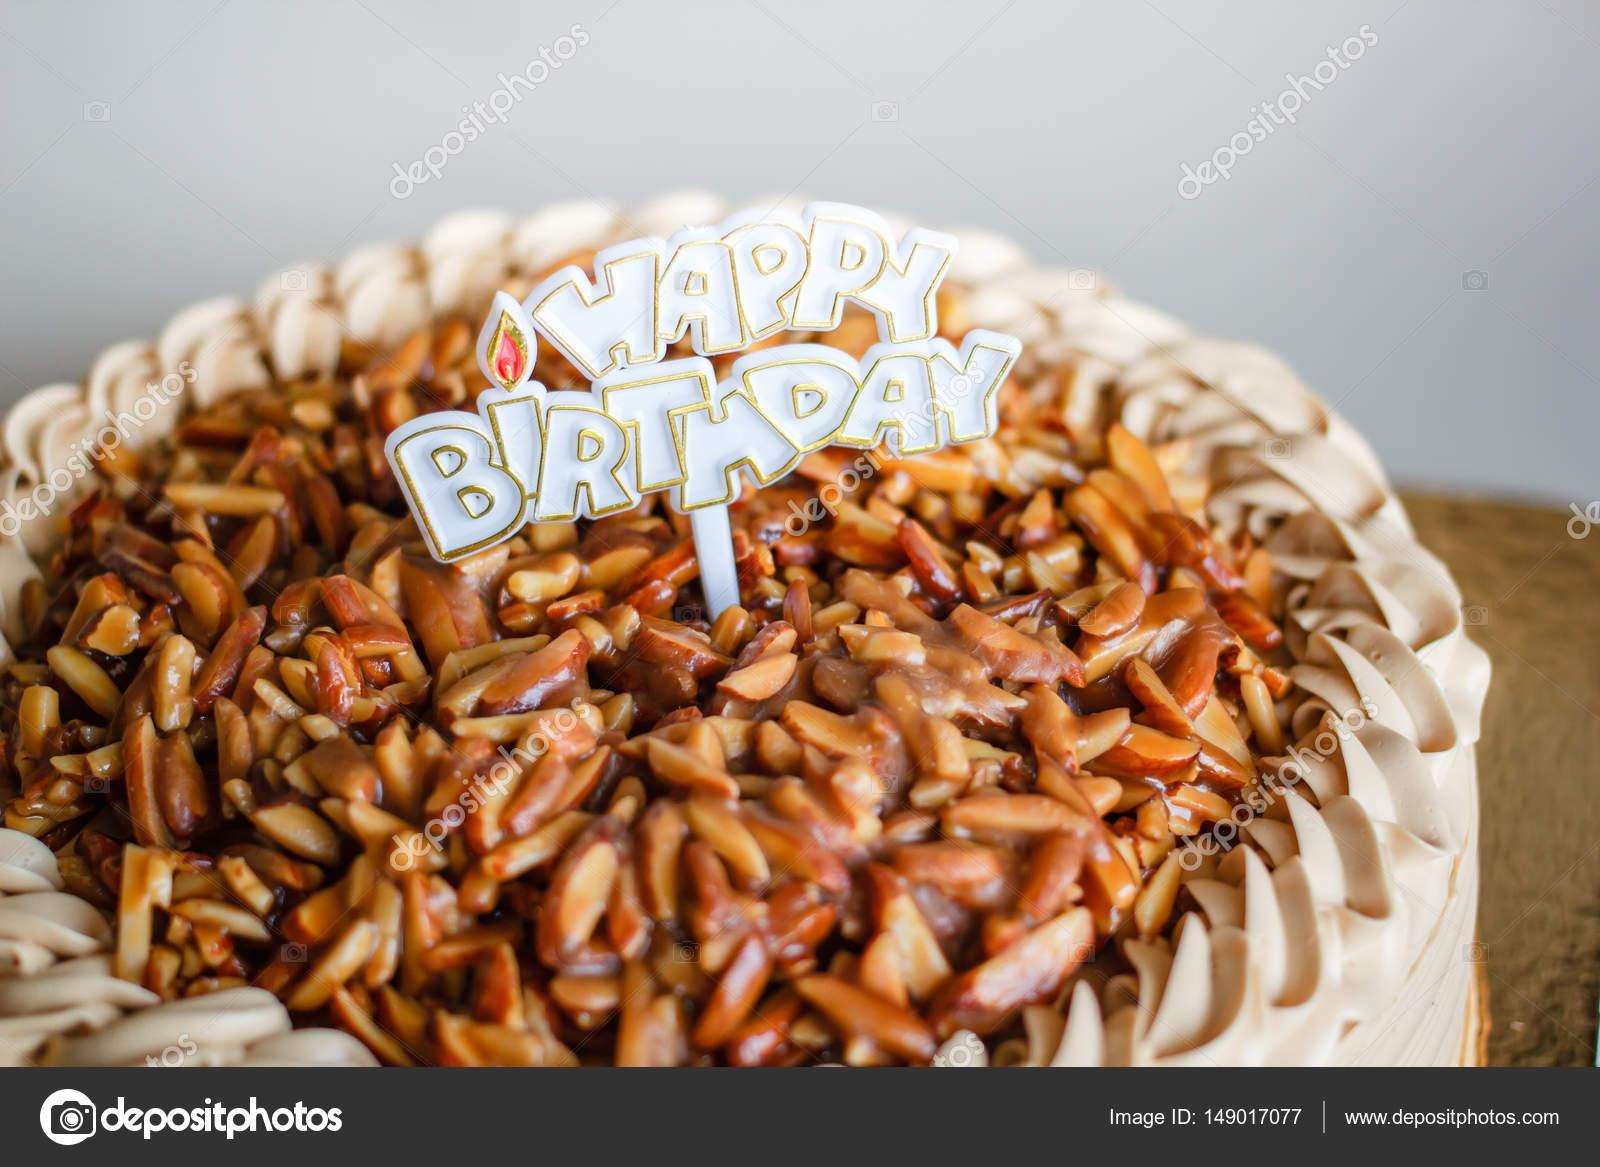 genoise taart Genoise koffie taart — Stockfoto © Tachjang #149017077 genoise taart